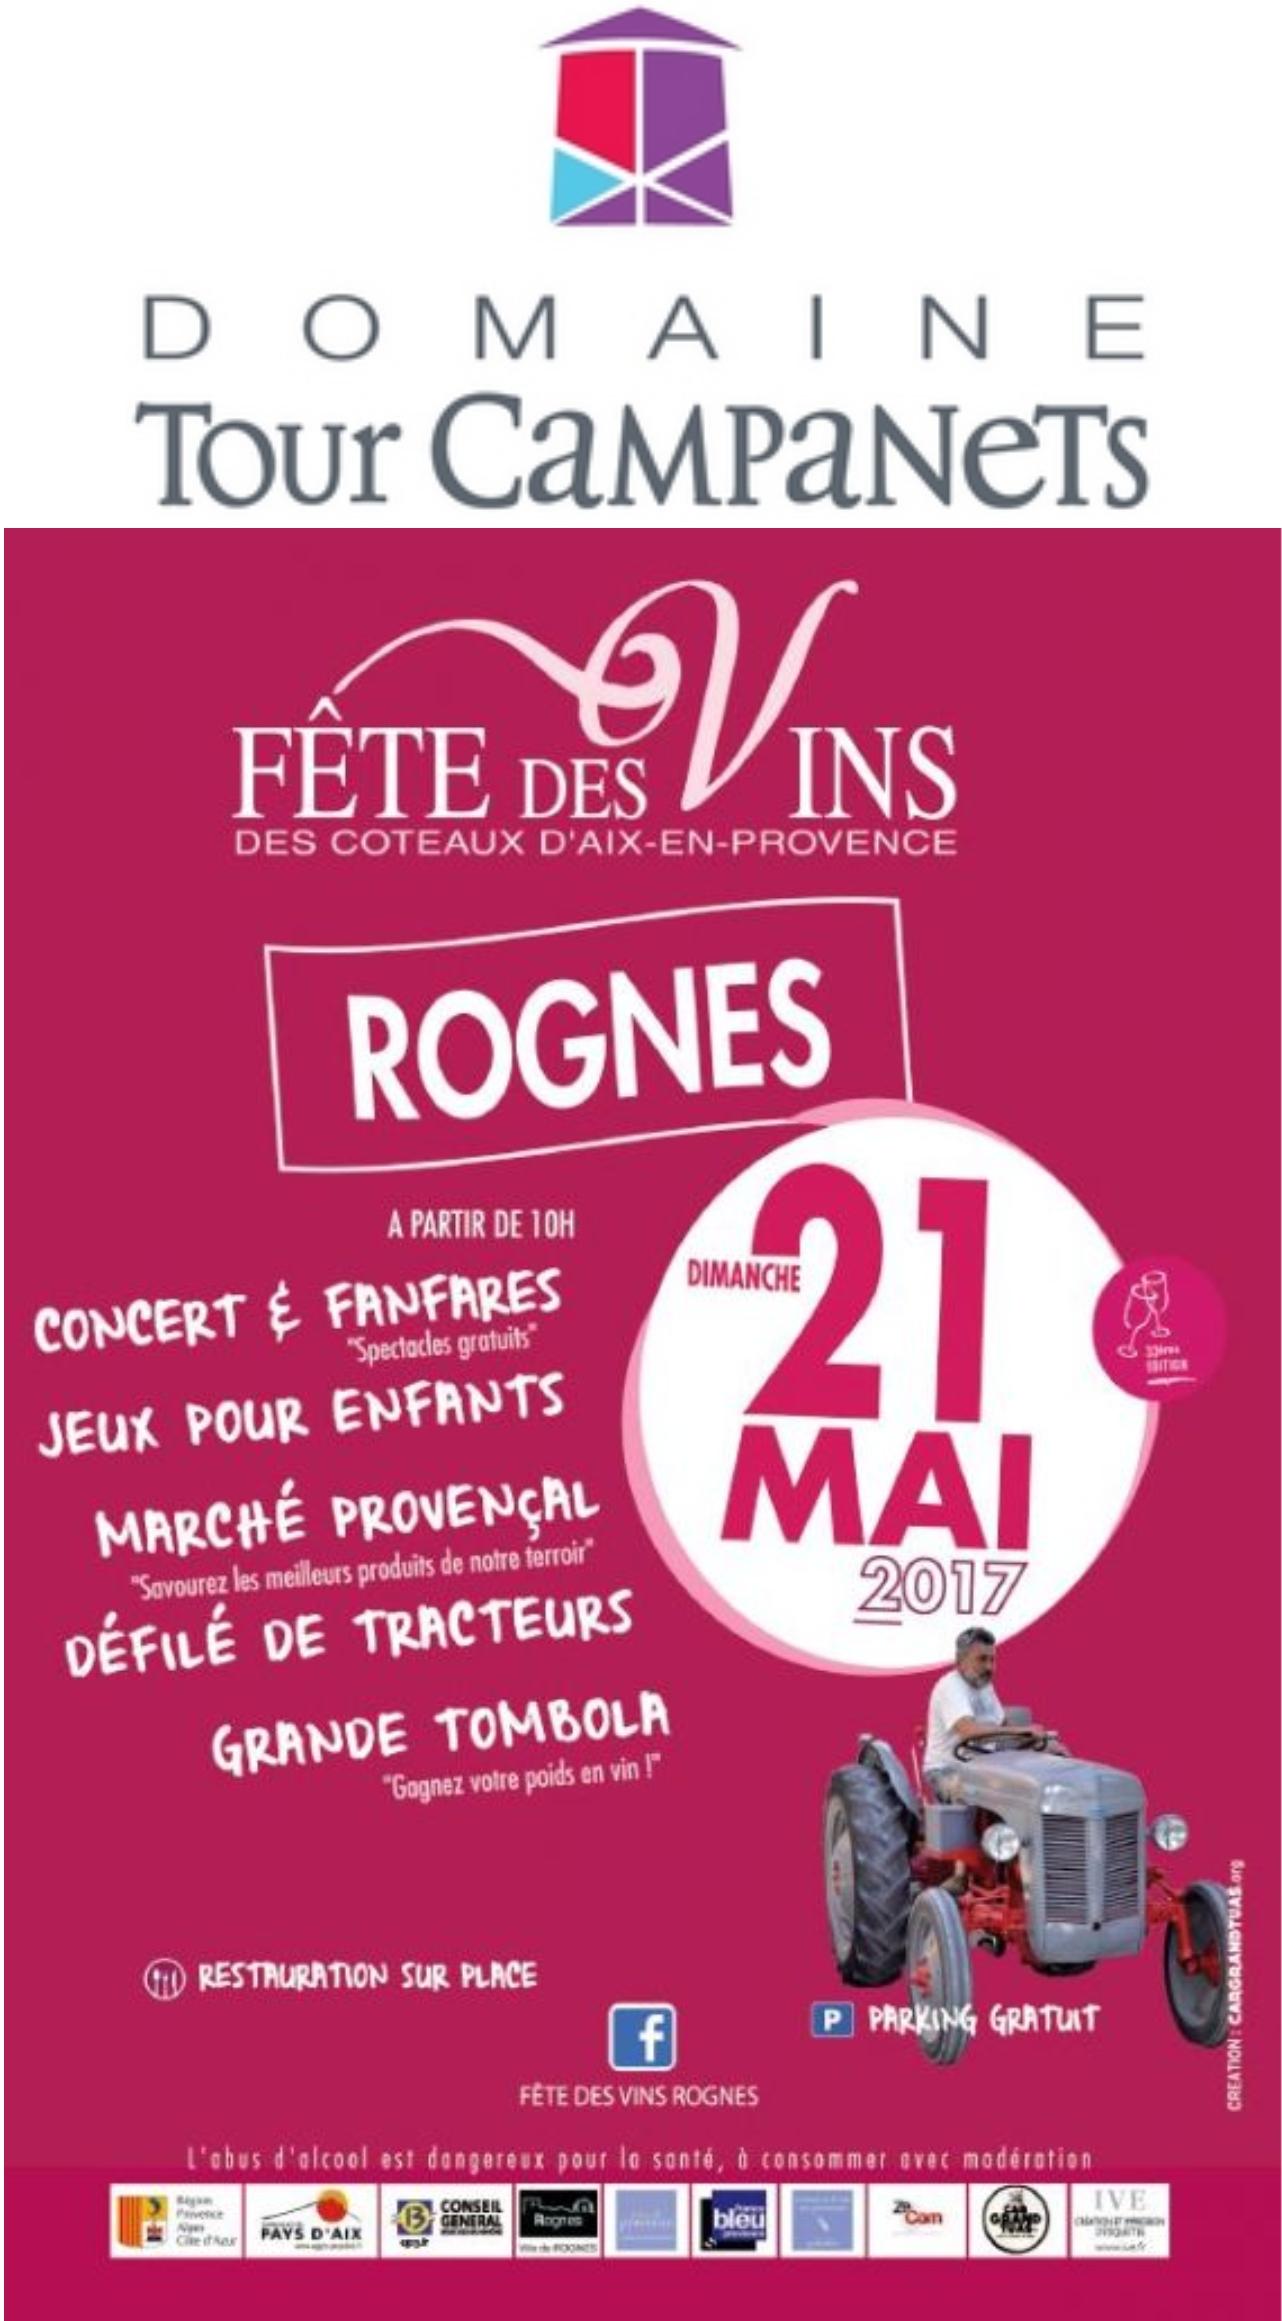 FETE DES VINS DE ROGNES COTEAUX D'AIX EN PROVENCE 21 MAI 2017